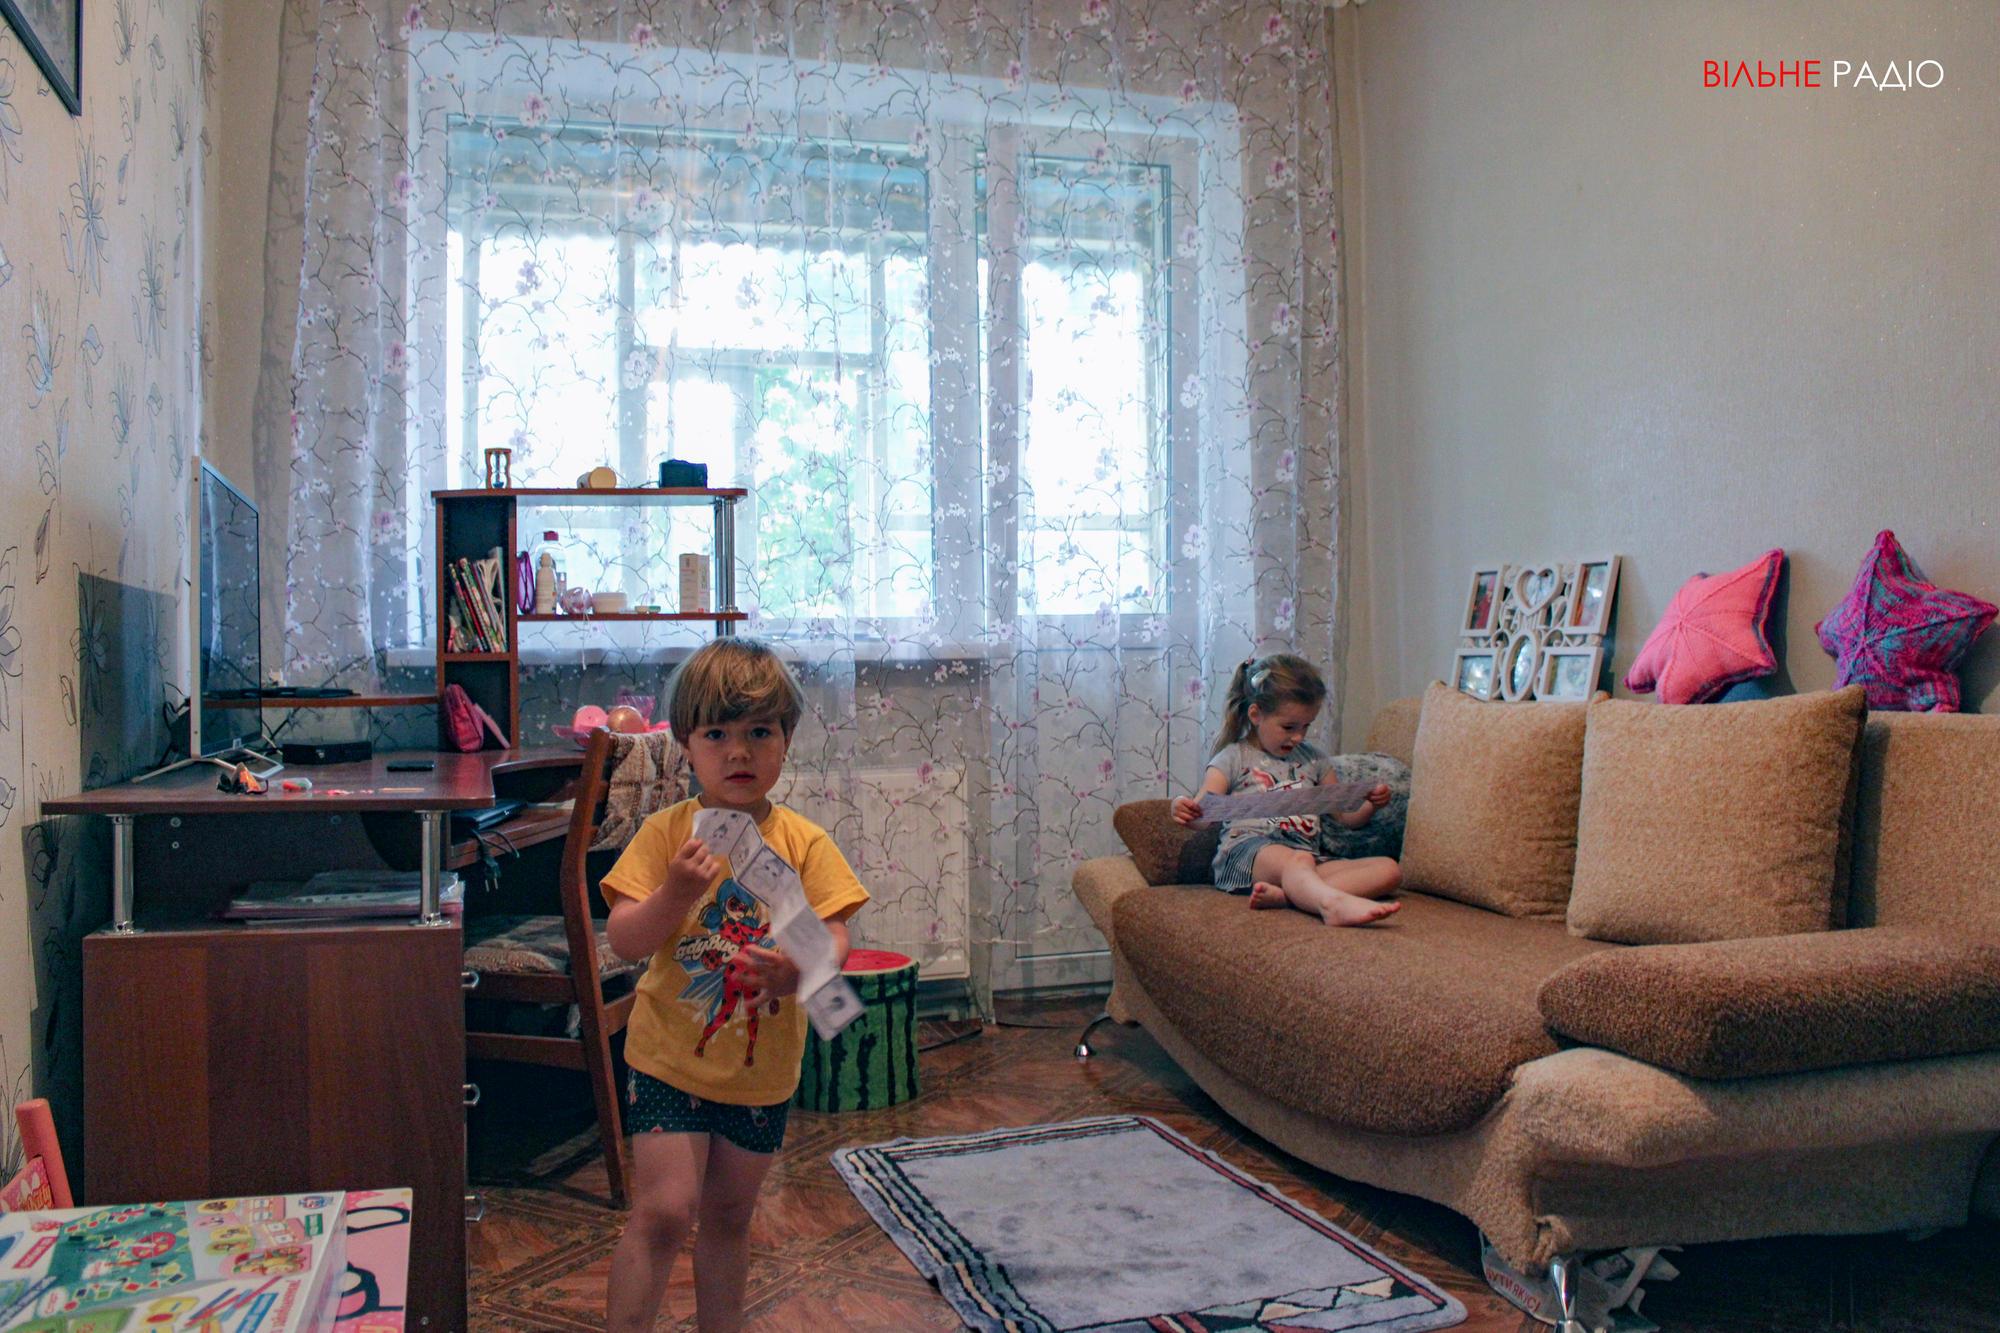 Нова квартира родини Романчуків, які переїхали з прифронтового Майорська до Опитного Бахмутського району